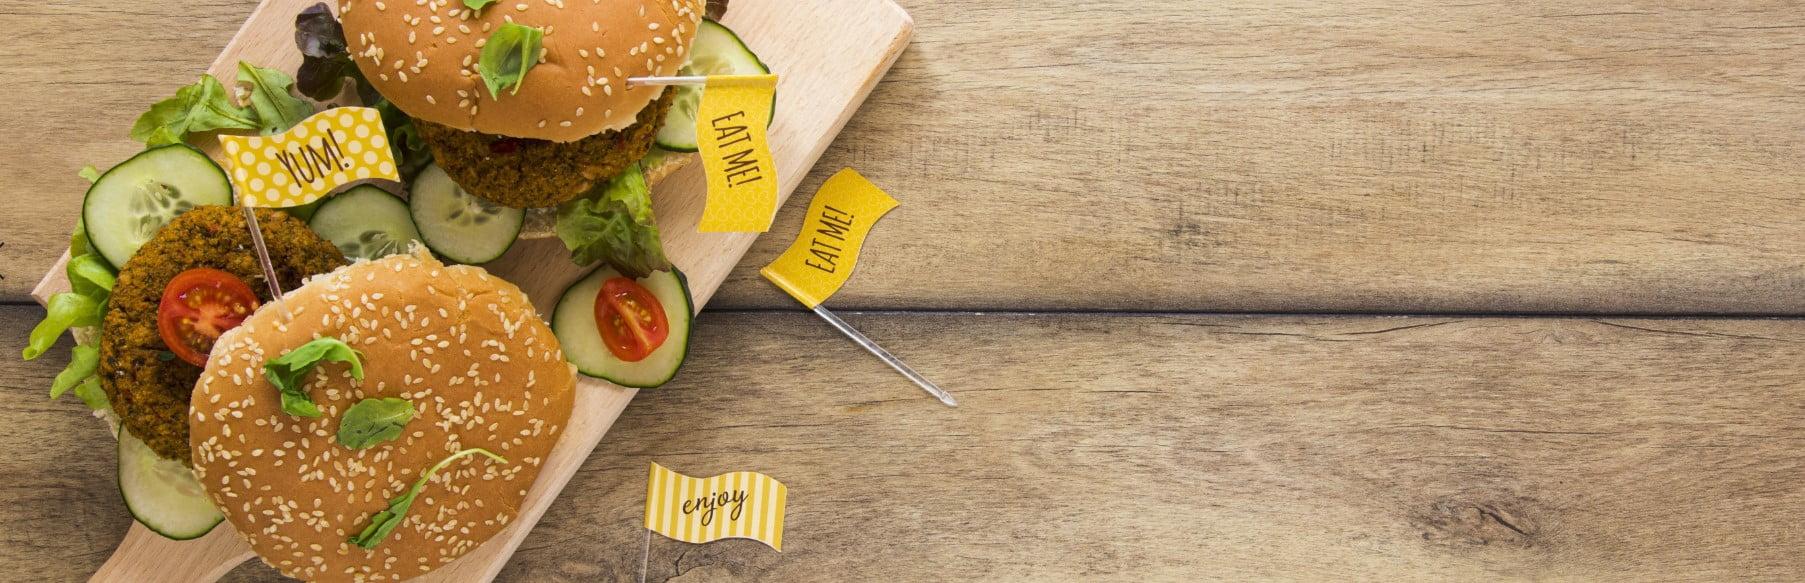 bułka domowe burgery